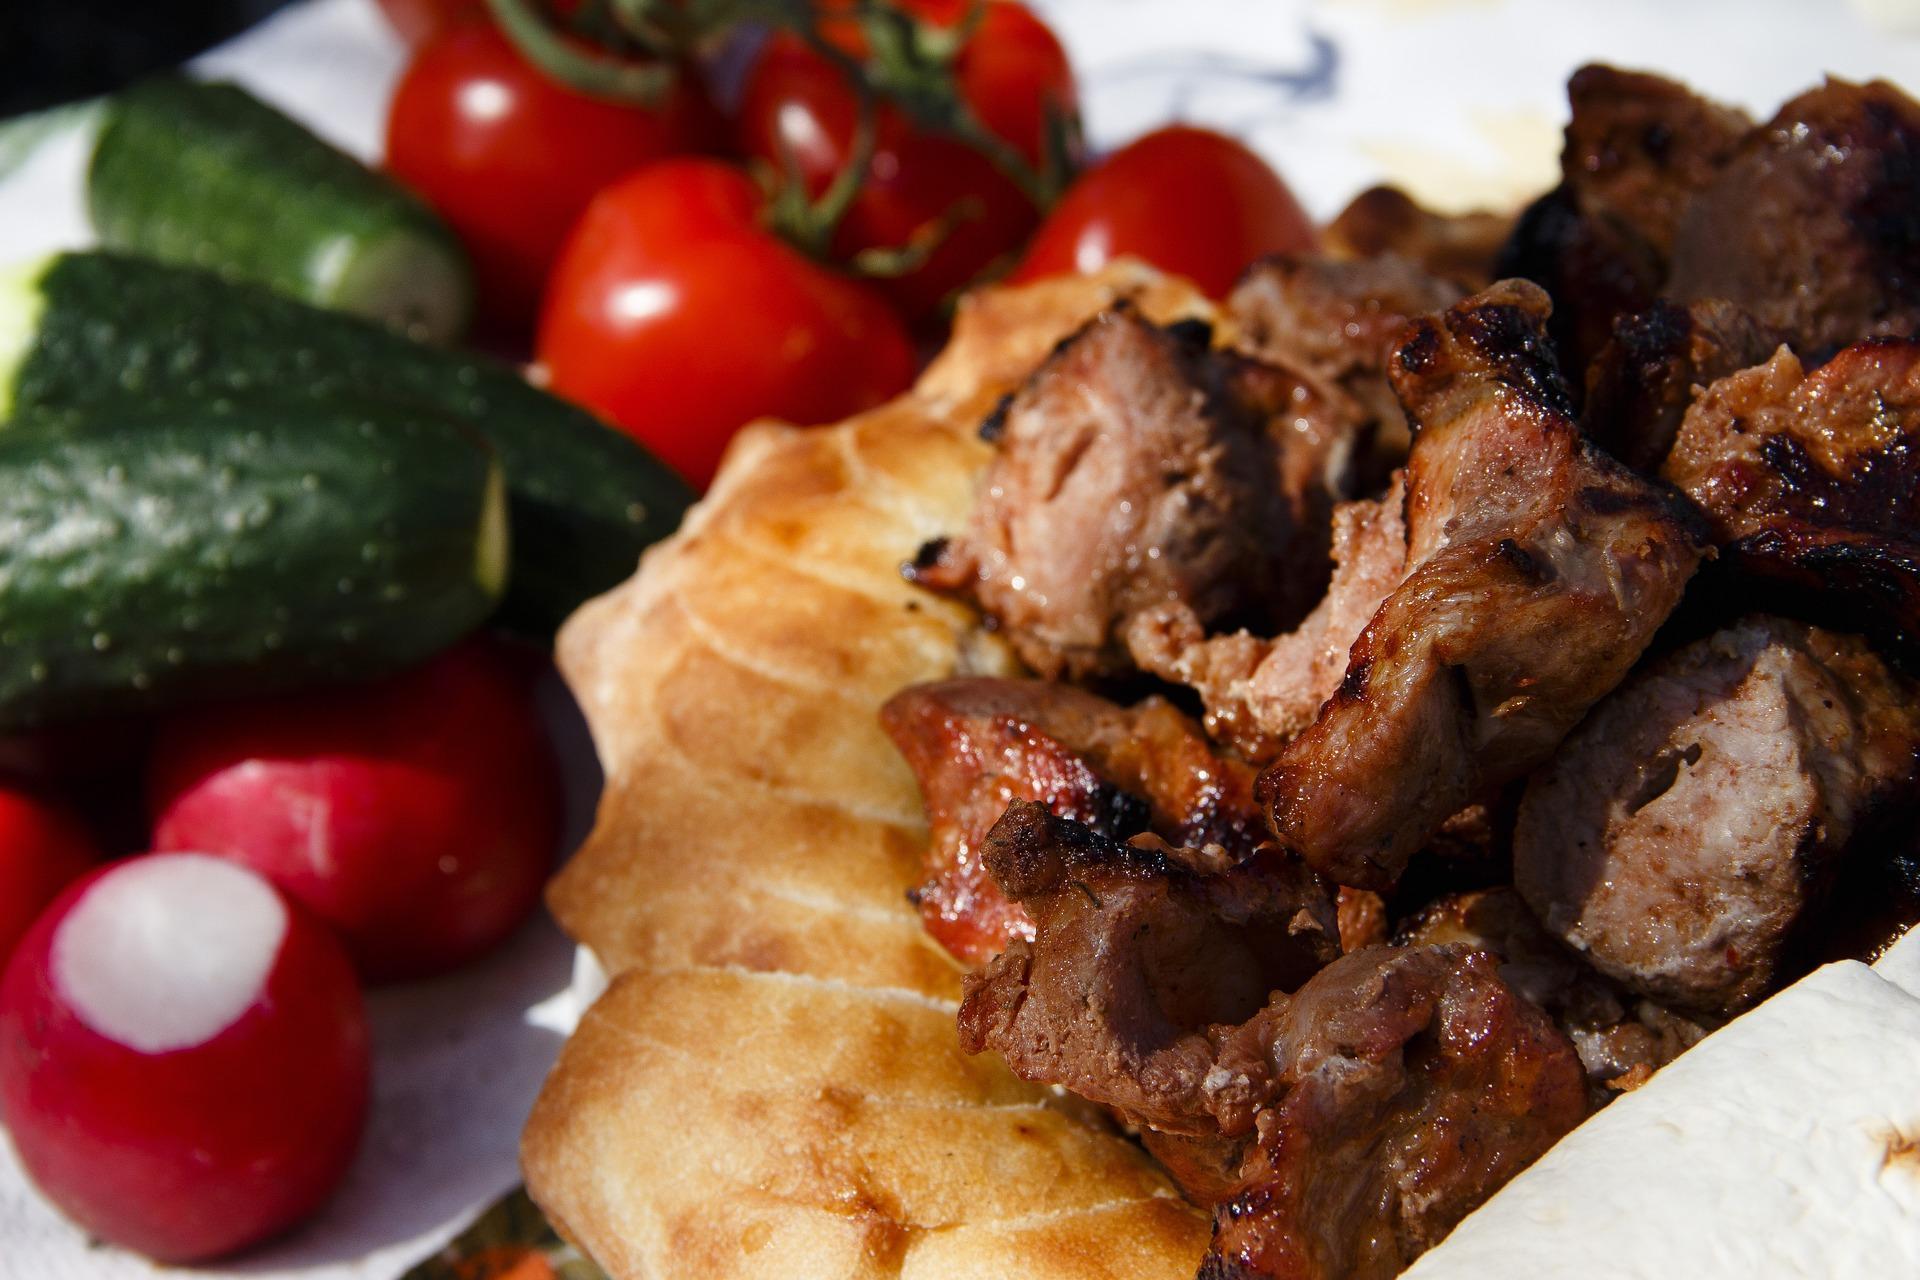 шашлык из говядины с лавашом и овощами